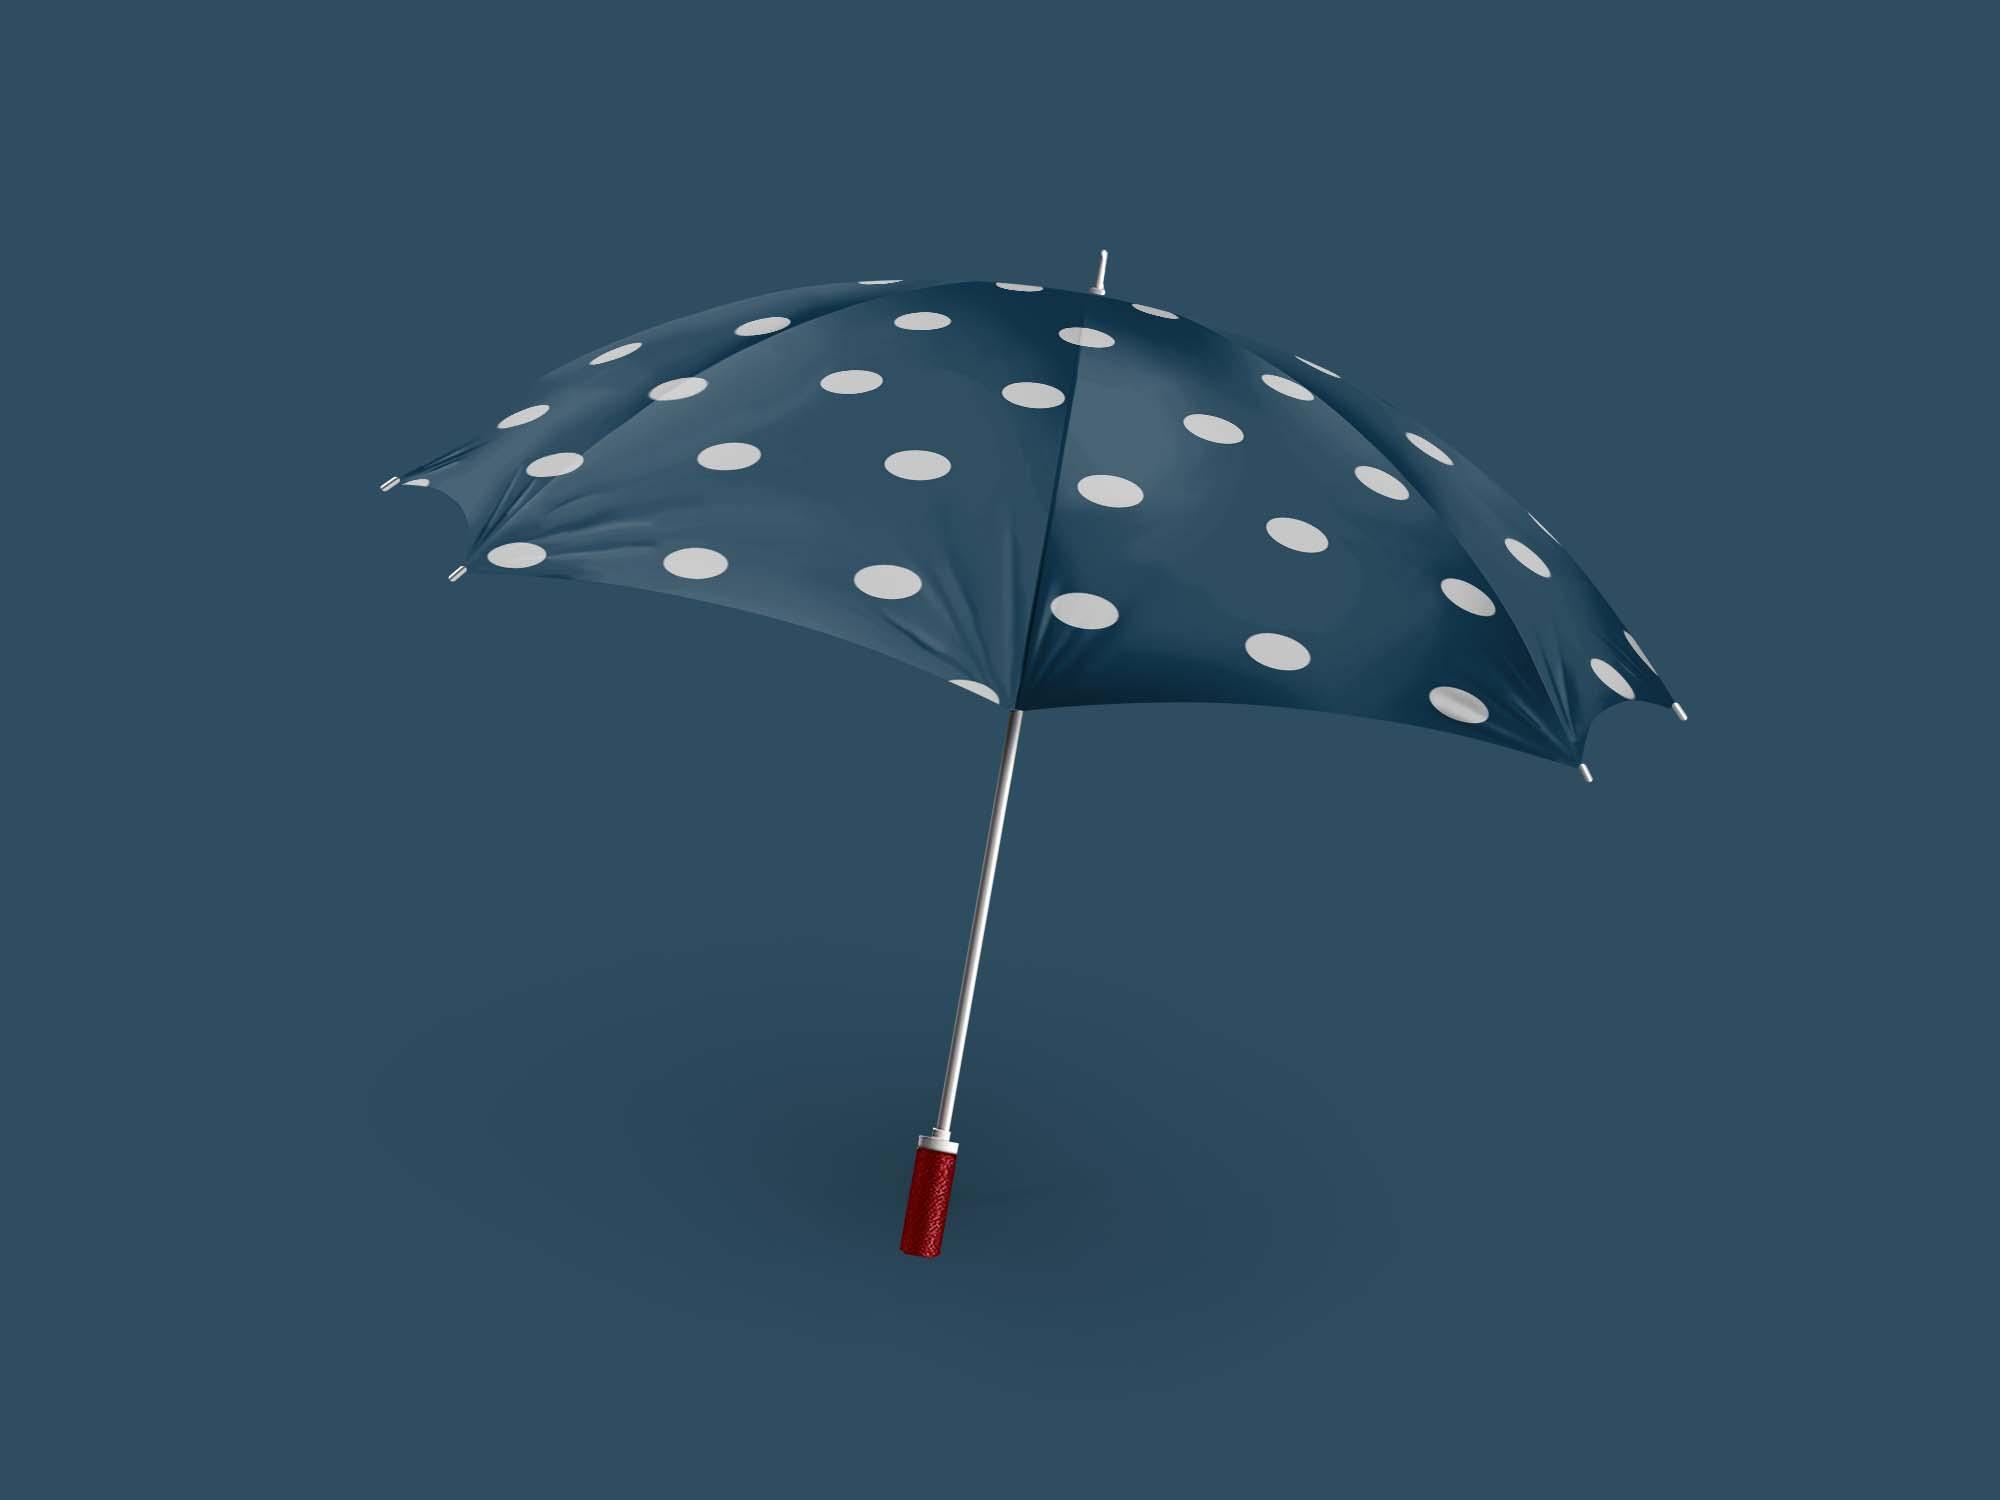 Realistic Umbrella Mockup 2